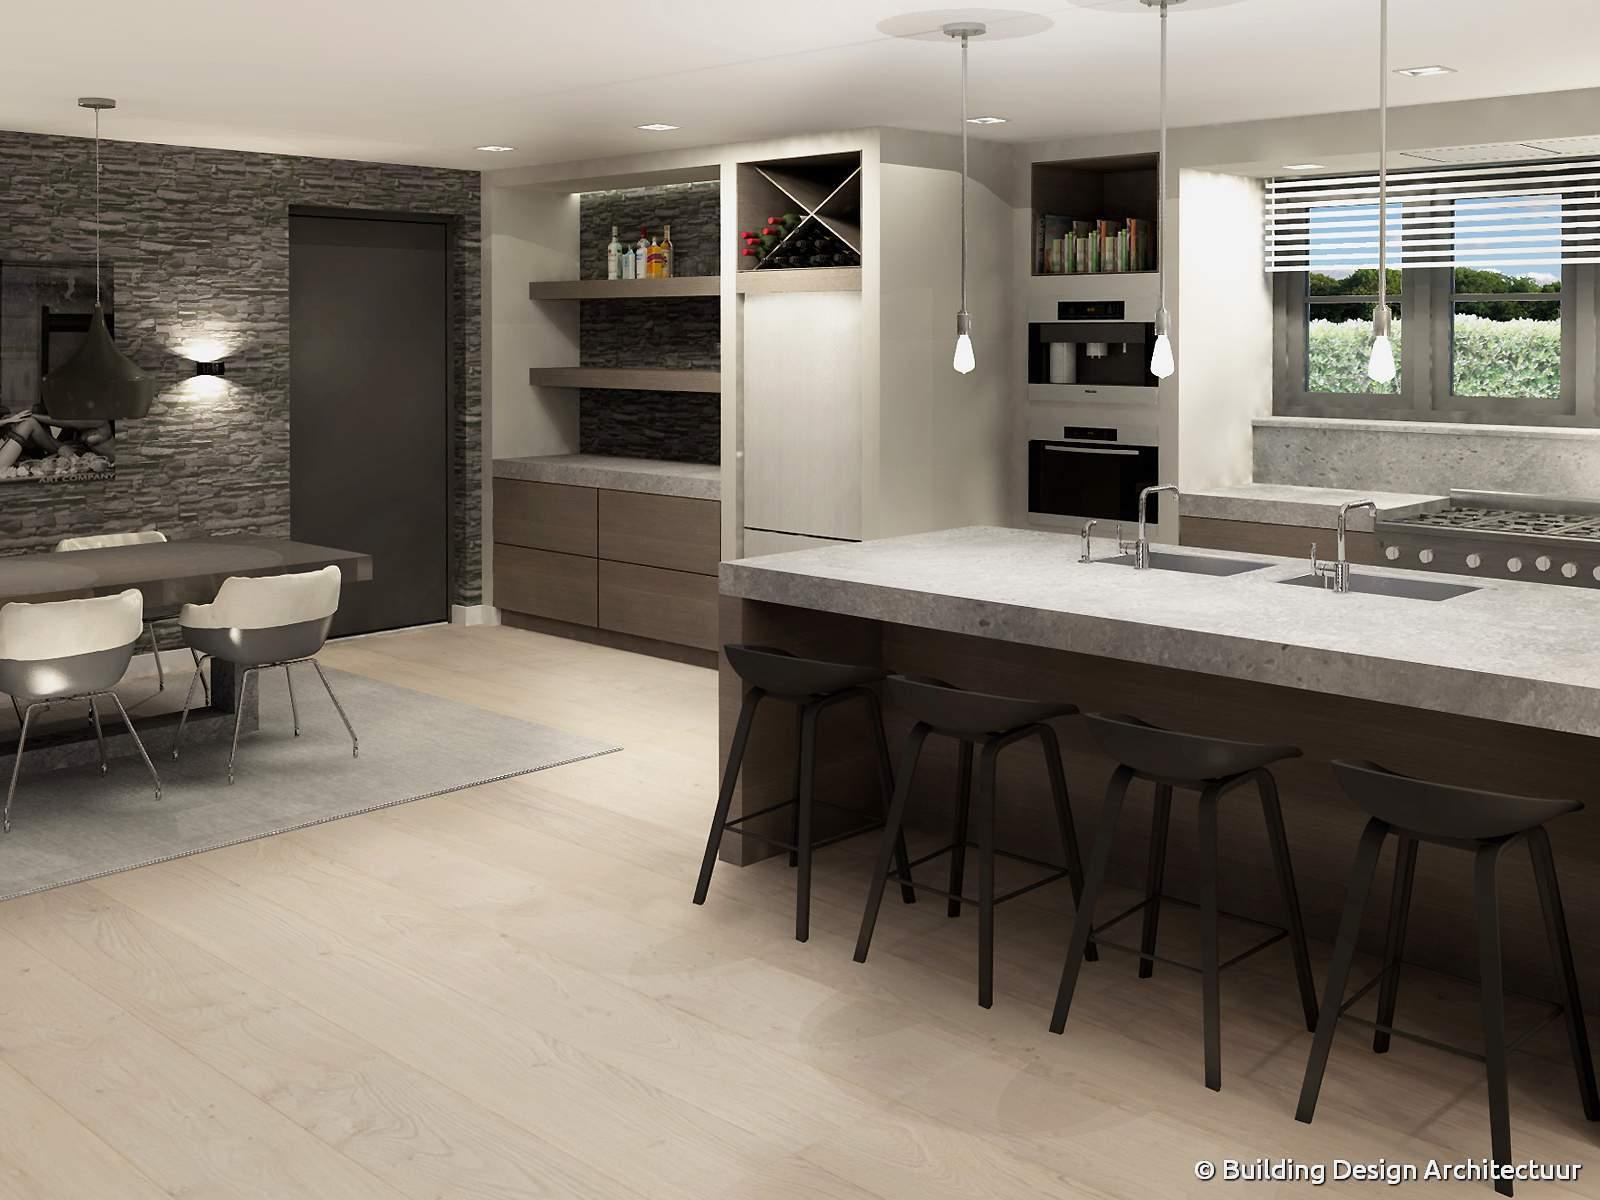 https://s3-eu-west-1.amazonaws.com/building-design/projecten/7495_16-165_interieur-vrijstaande-woning_deventer_L1.jpg